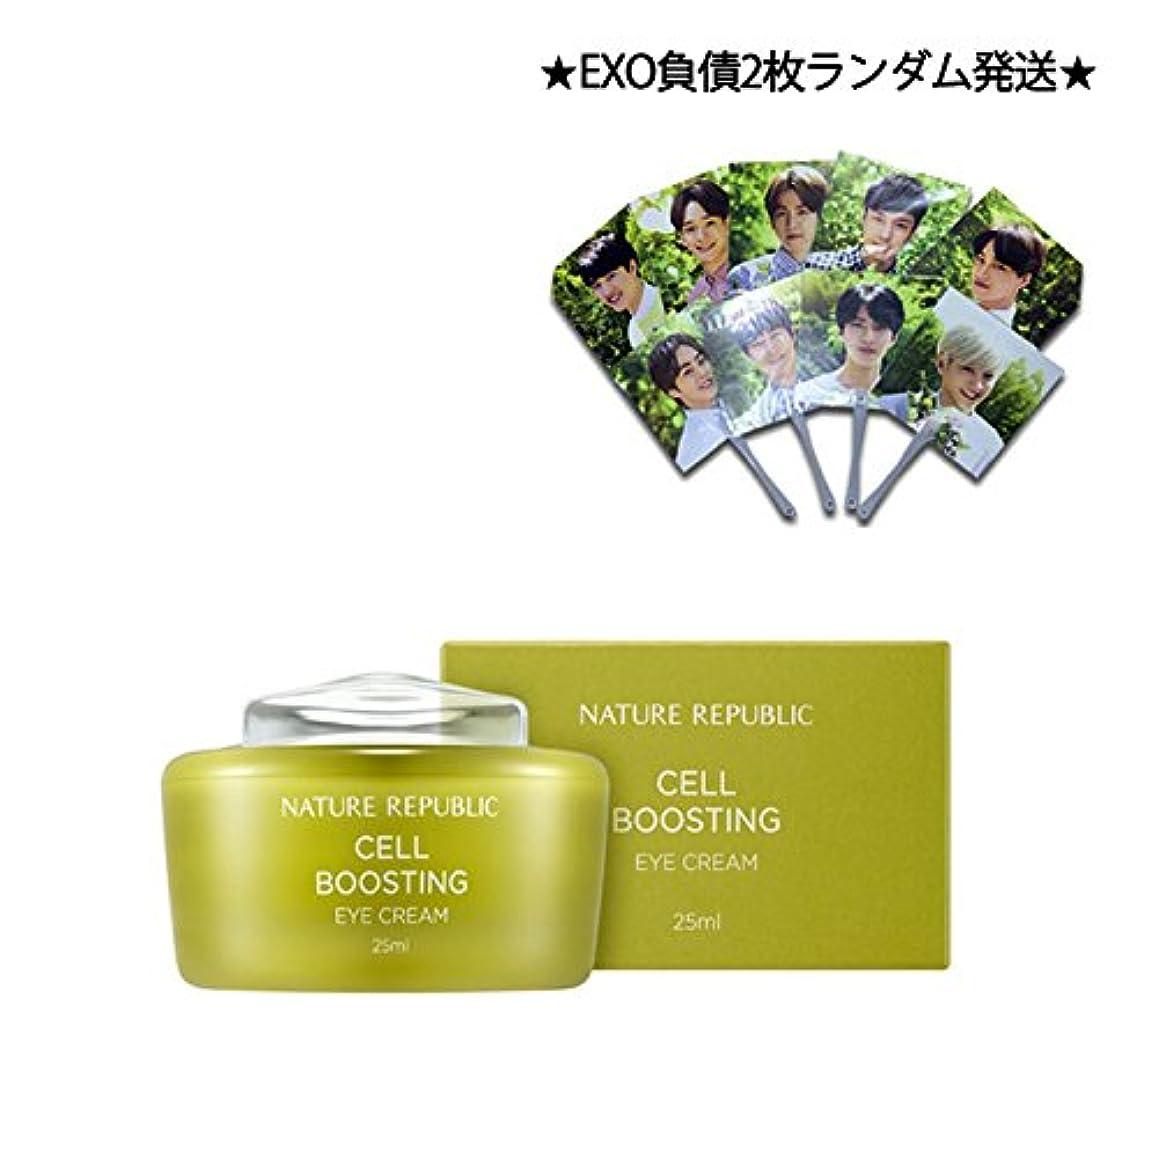 シフトペルー支払い[ネイチャーリパブリック]NATURE REPUBLIC/セルブースティングアイクリーム+ EXO負債ランダム贈呈(2EA) /海外直送品/(Cell Boosting Eye Cream + EXO Fan Random Gift(2EA)) [並行輸入品]